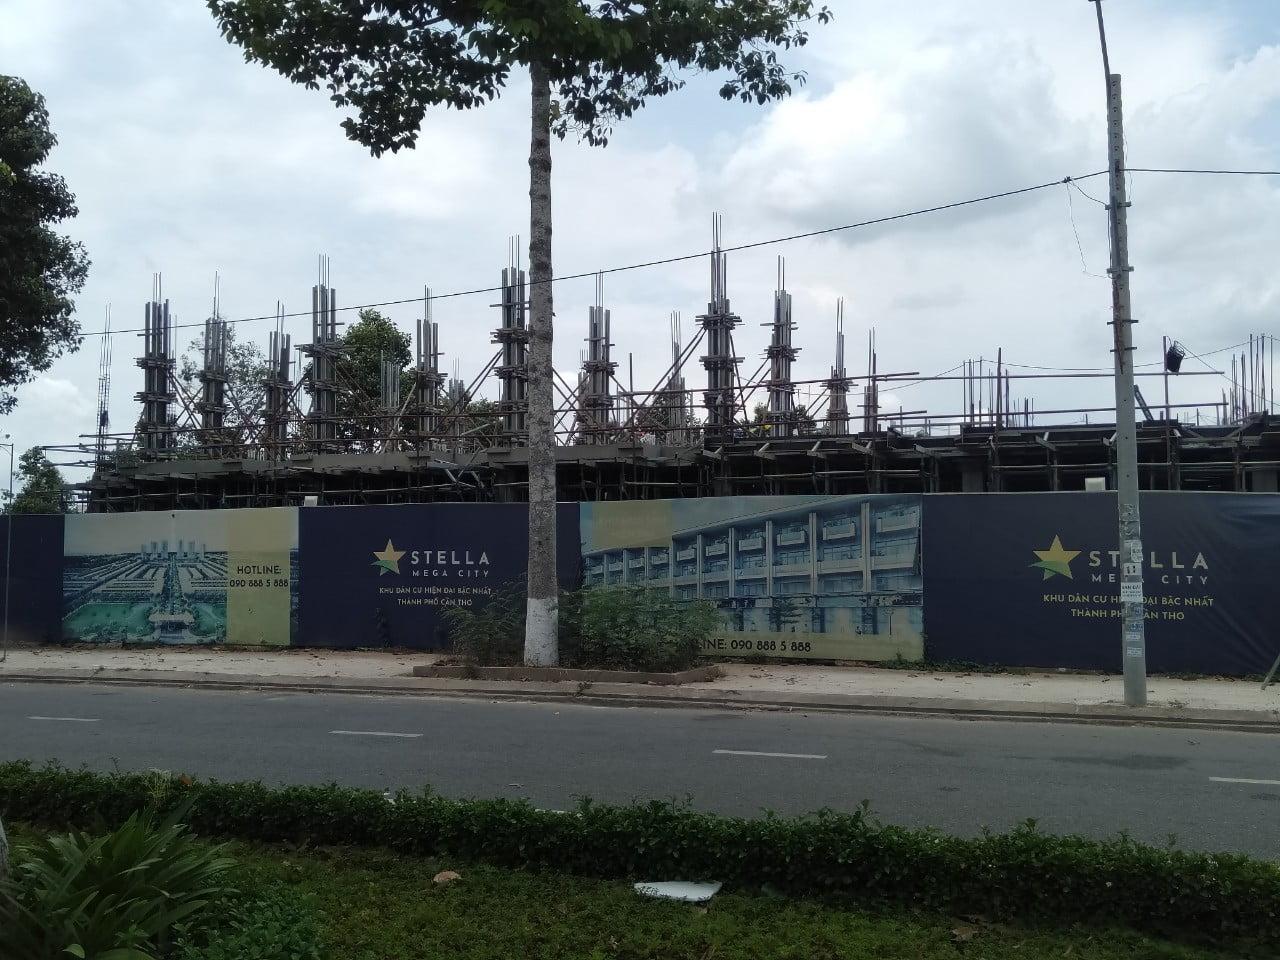 Stella Mega City (Ngân Thuận) phát triển đúng theo thỏa thuận và quy định